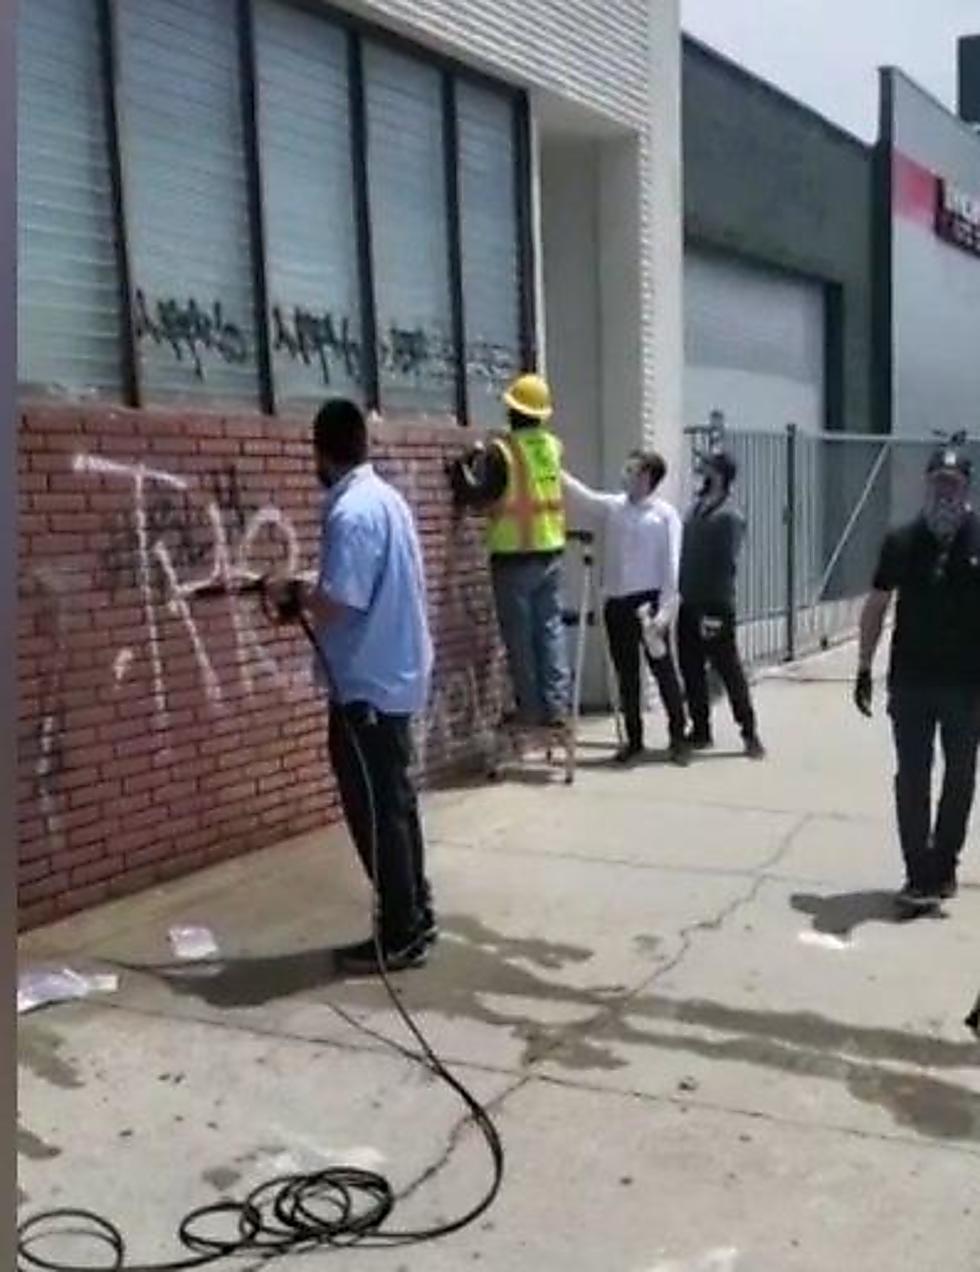 מתנדבים מנקים את הקירות לאחר הוונדליזם בבית המדרש